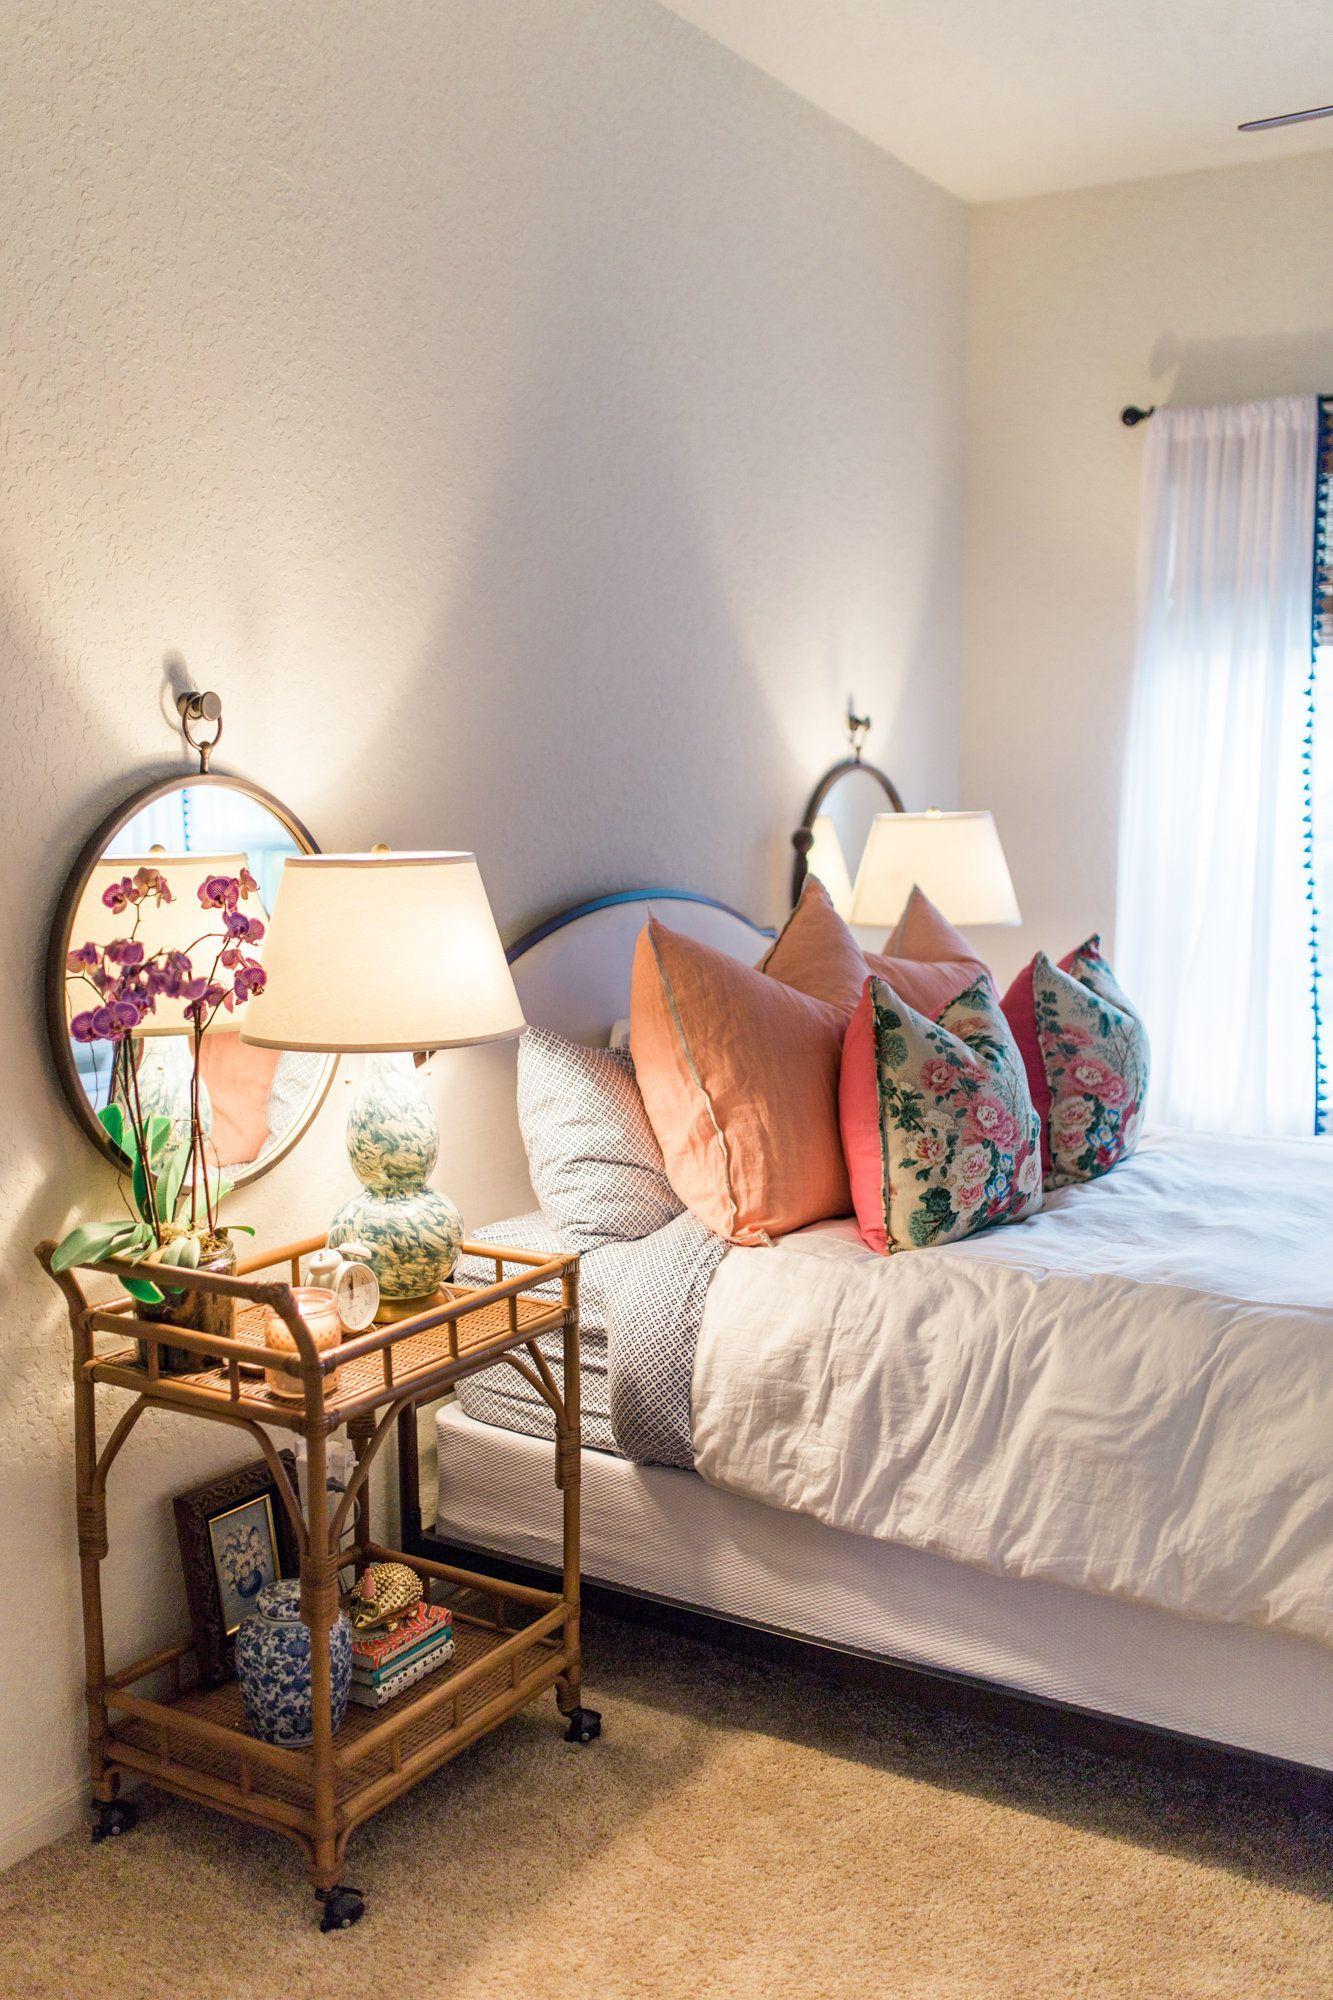 Guest bedroom ideas budget bedroomideas guest bedroom - Small guest bedroom ideas ...